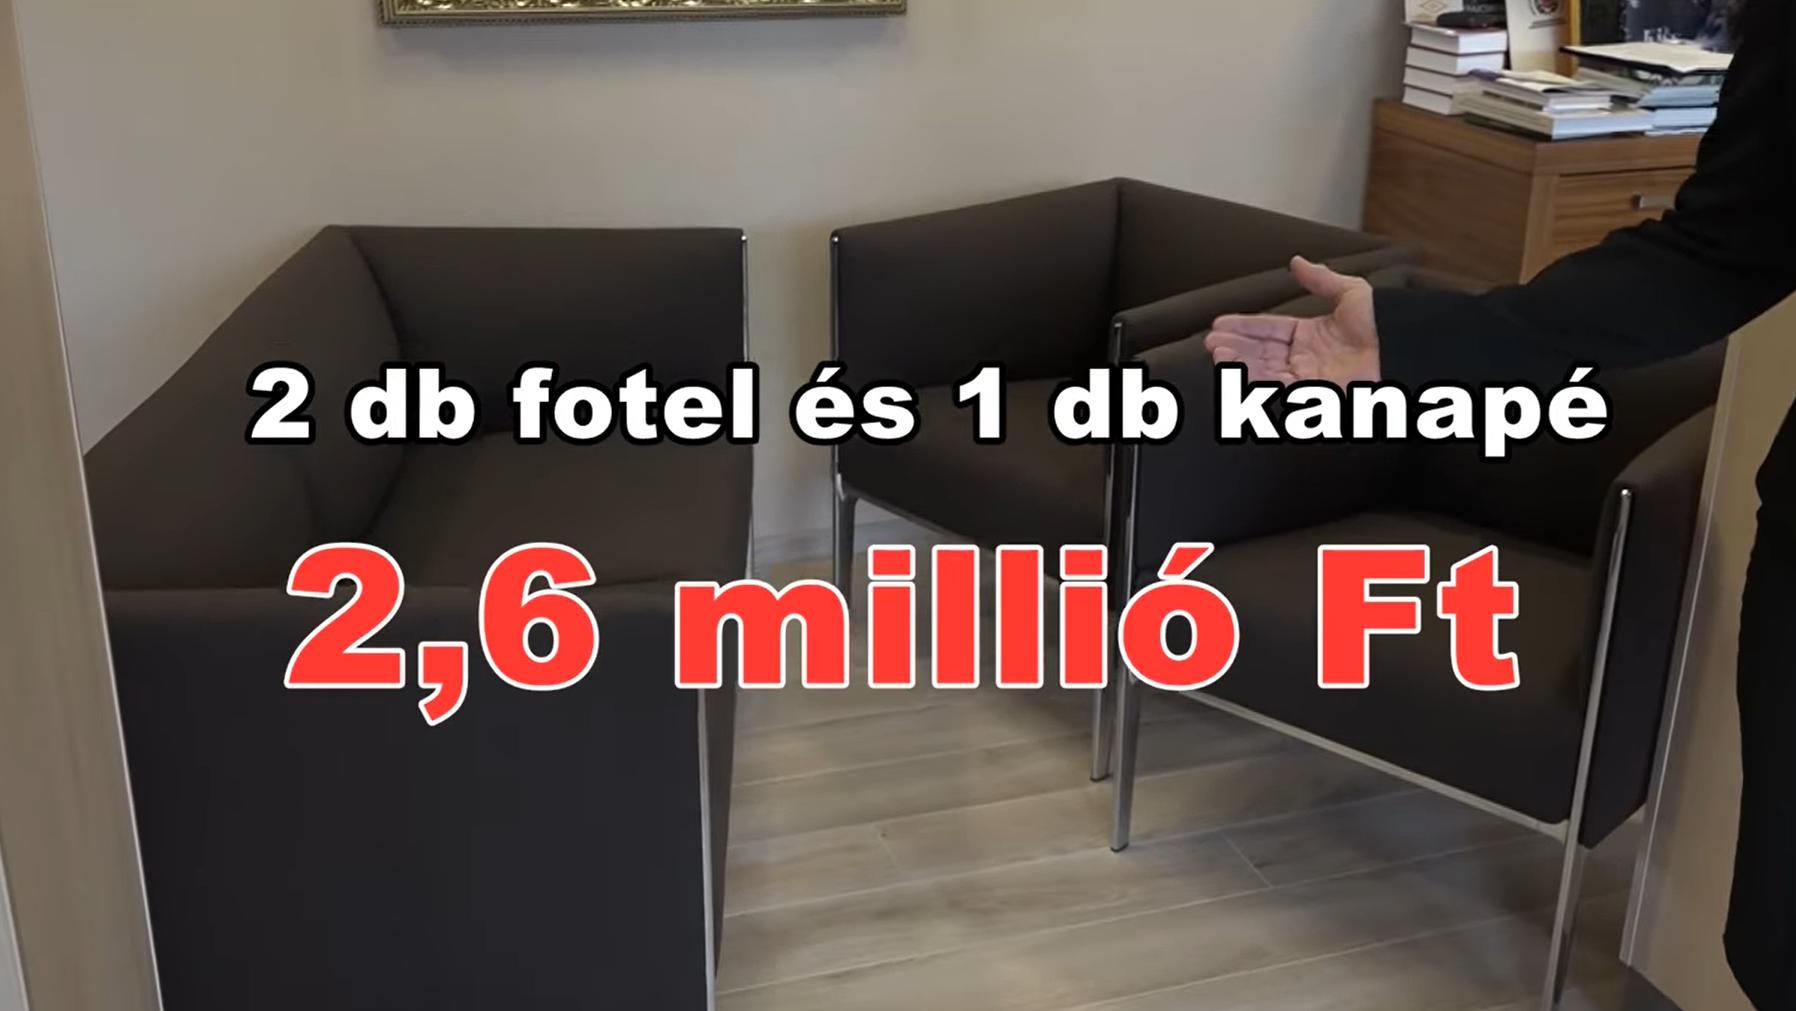 Átviteti az önkormányzat váróterébe a fideszes elődje idején vásárolt drága bútorokat Tatabánya polgármestere